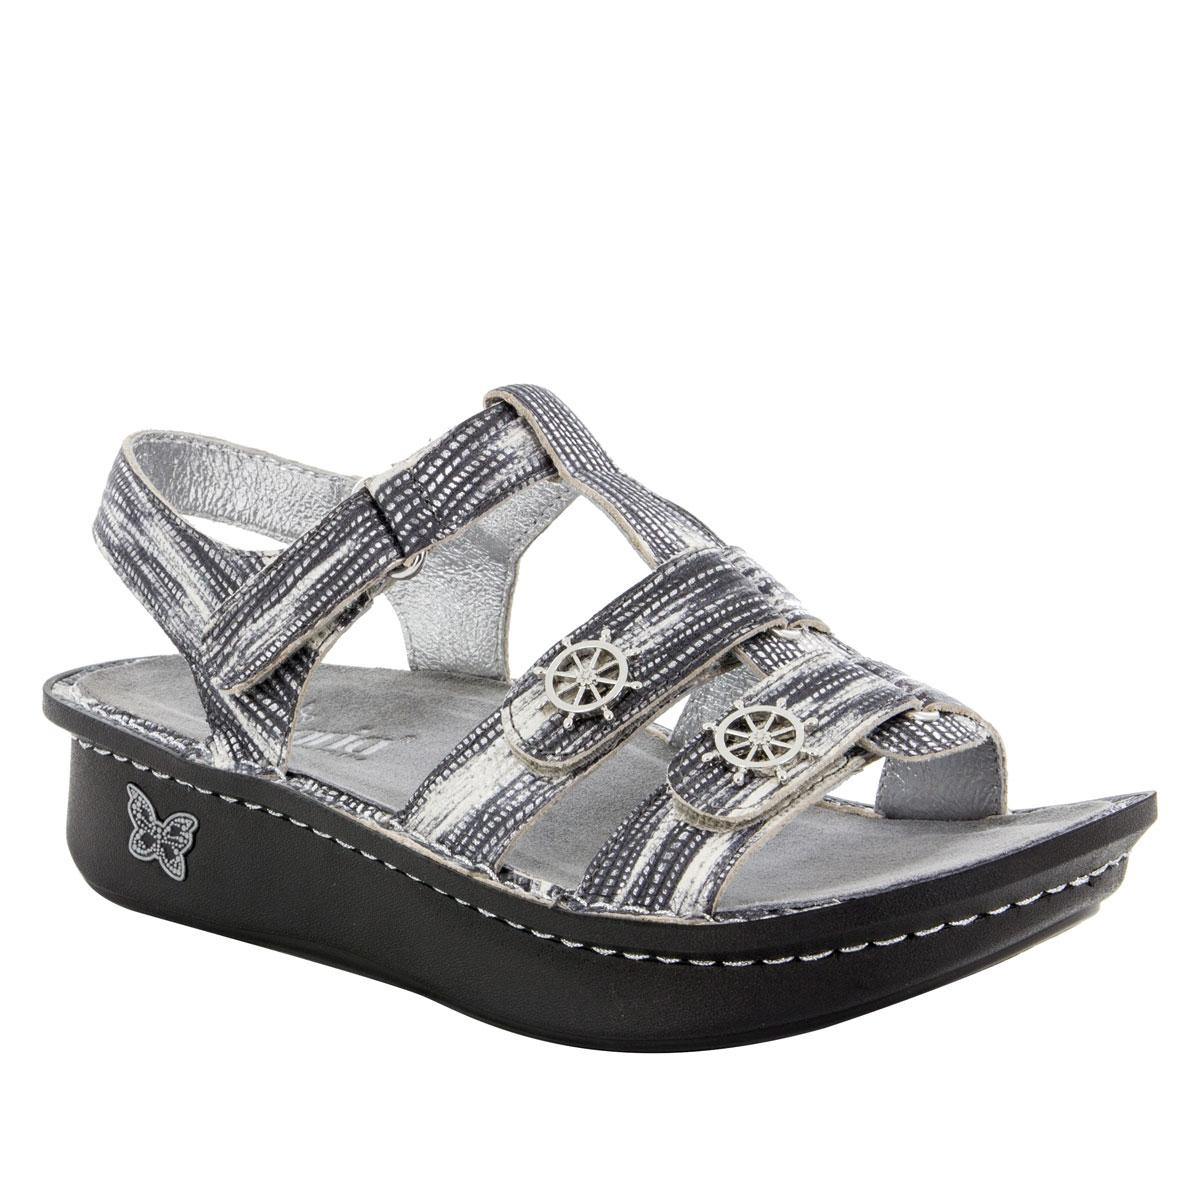 Kleo Wrapture Sandals QXQVj